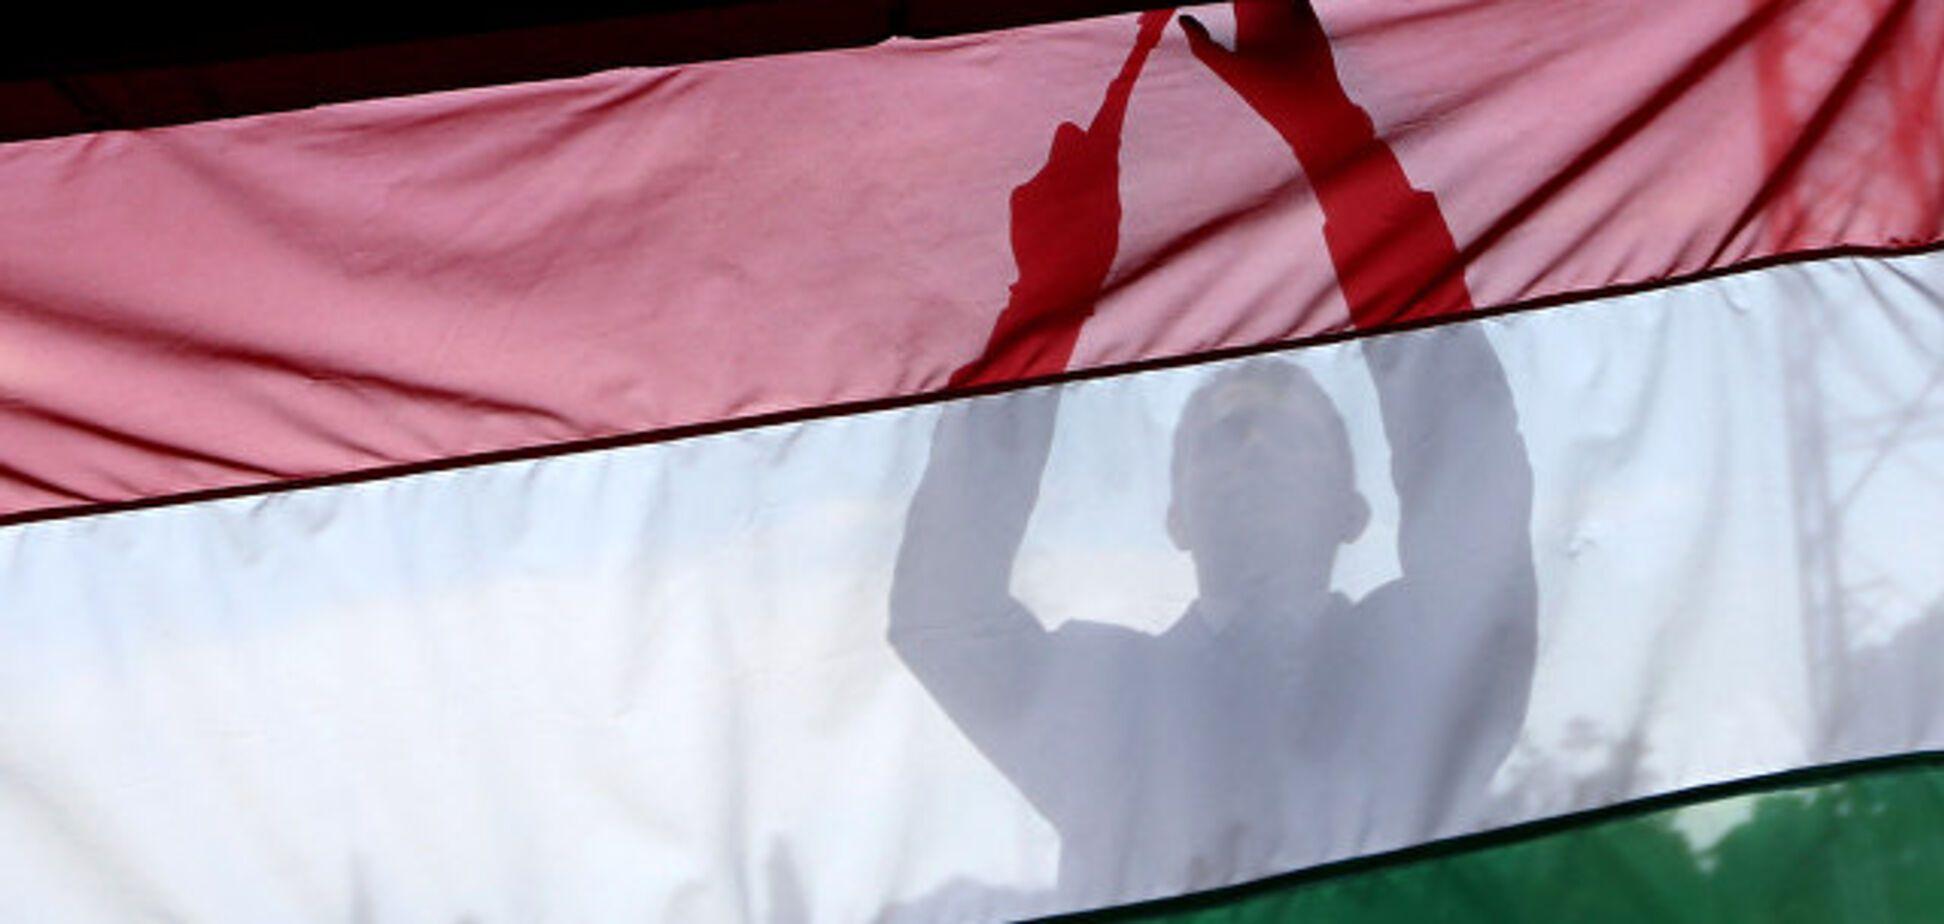 Венгрия 'посягнула' на Закарпатье: как ответит Украина и что задумал Кремль